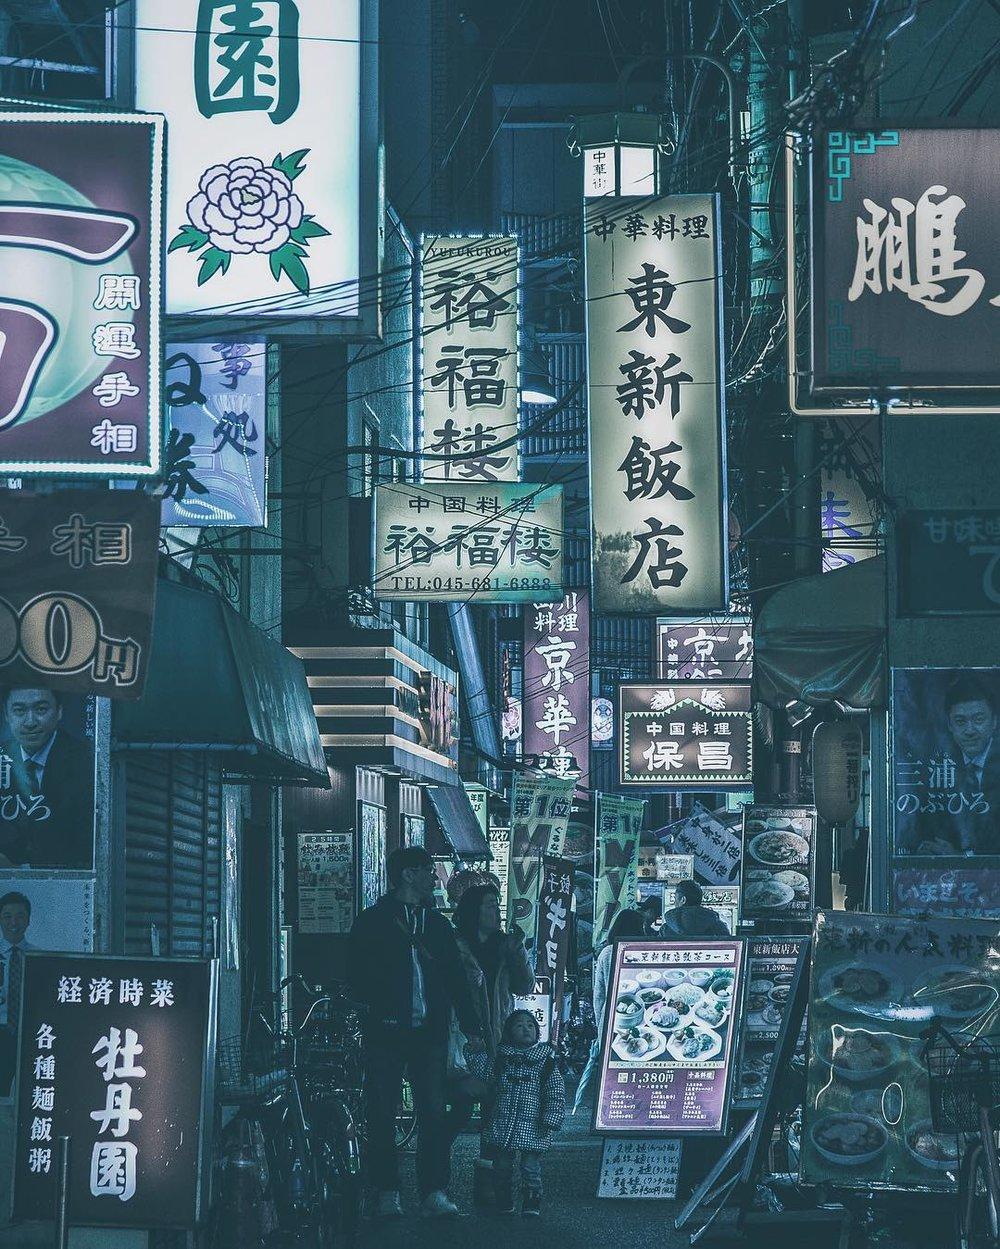 yoshito-hasaka9.jpg